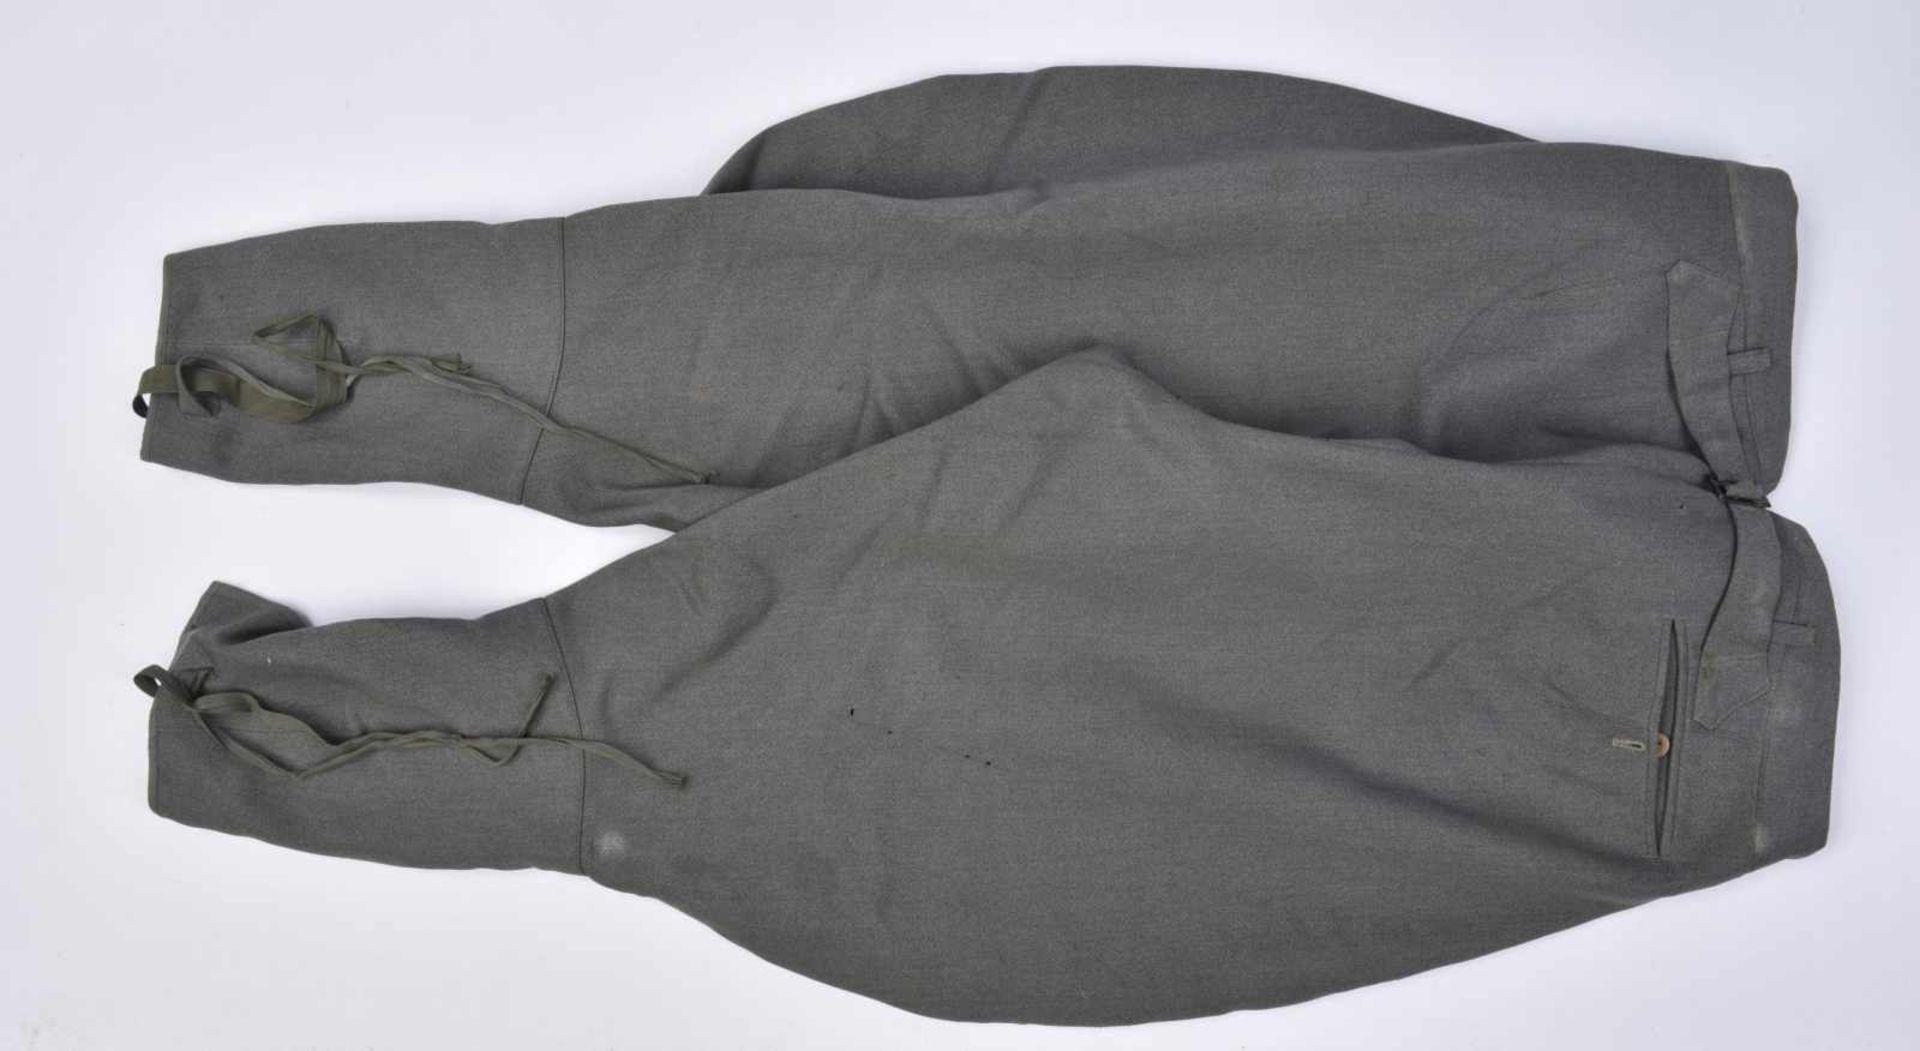 Pantalon culotte de cheval en gabardine grise, probablement une confection tailleur. Tous les - Bild 3 aus 3